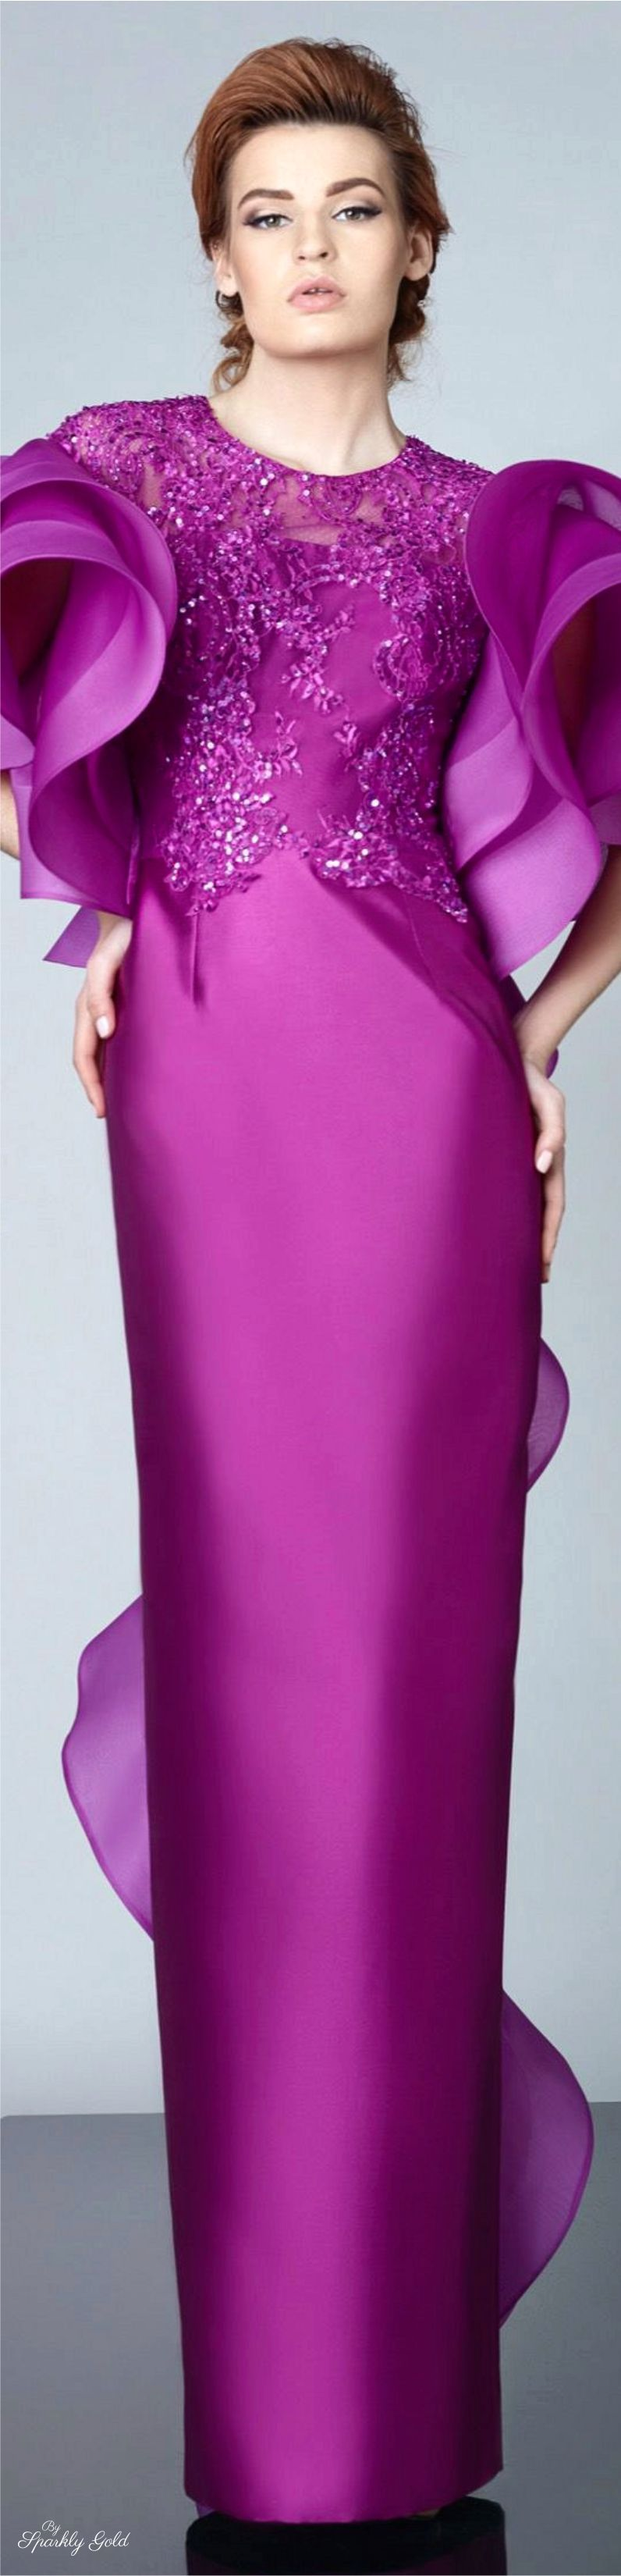 Fantástico Bhs Vestido De Dama De Color Púrpura Bosquejo - Colección ...